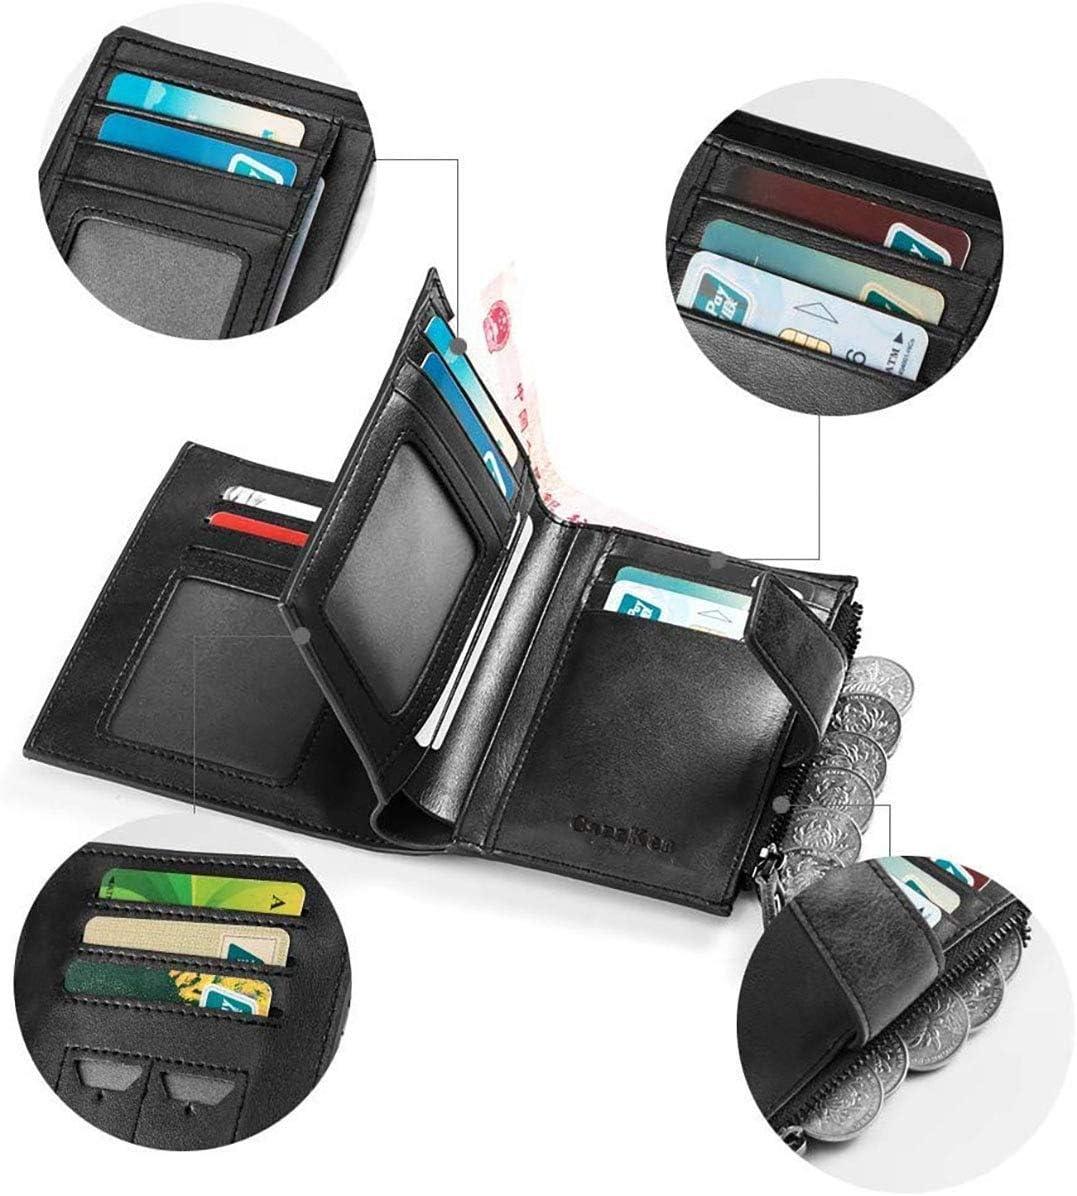 Portefeuille pour Hommes en PU avec RFID bloquant Un Porte-Cartes de cr/édit avec Porte-Cartes de cr/édit avec Poche /à Monnaie zipp/ée pour Hommes(H-J10)